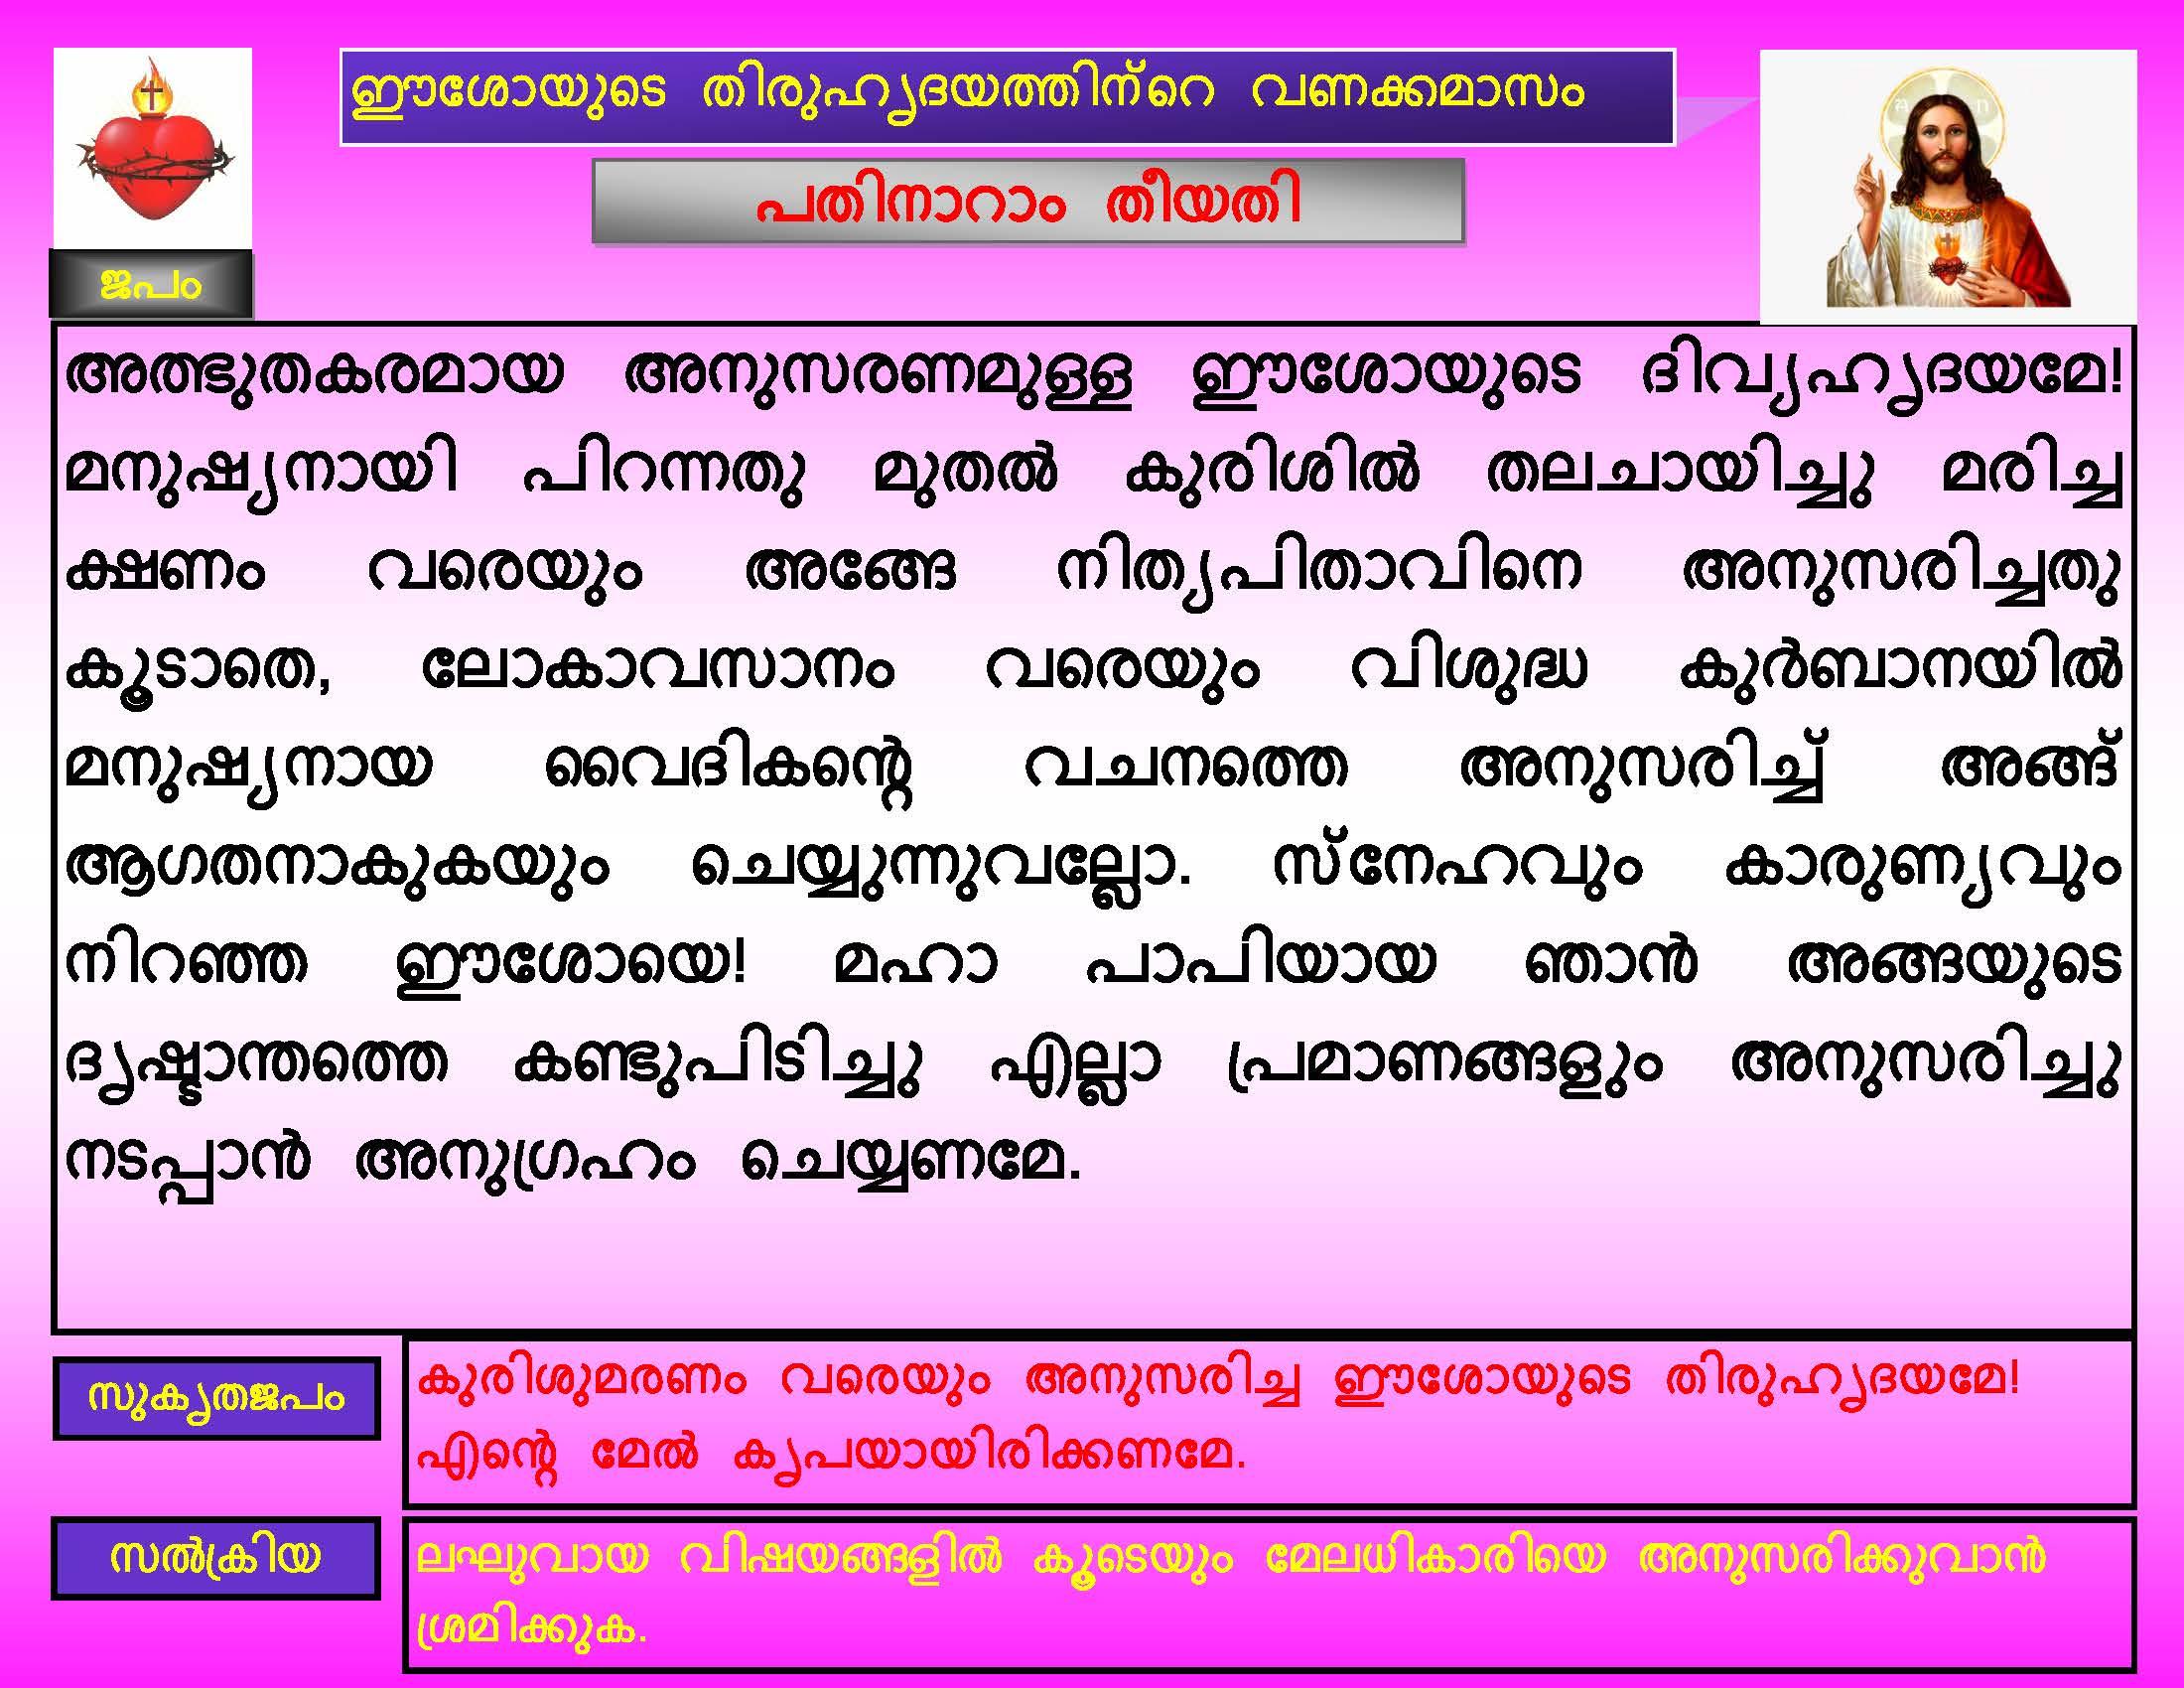 Thiruhrudaya Vanakkamasam - Day 16